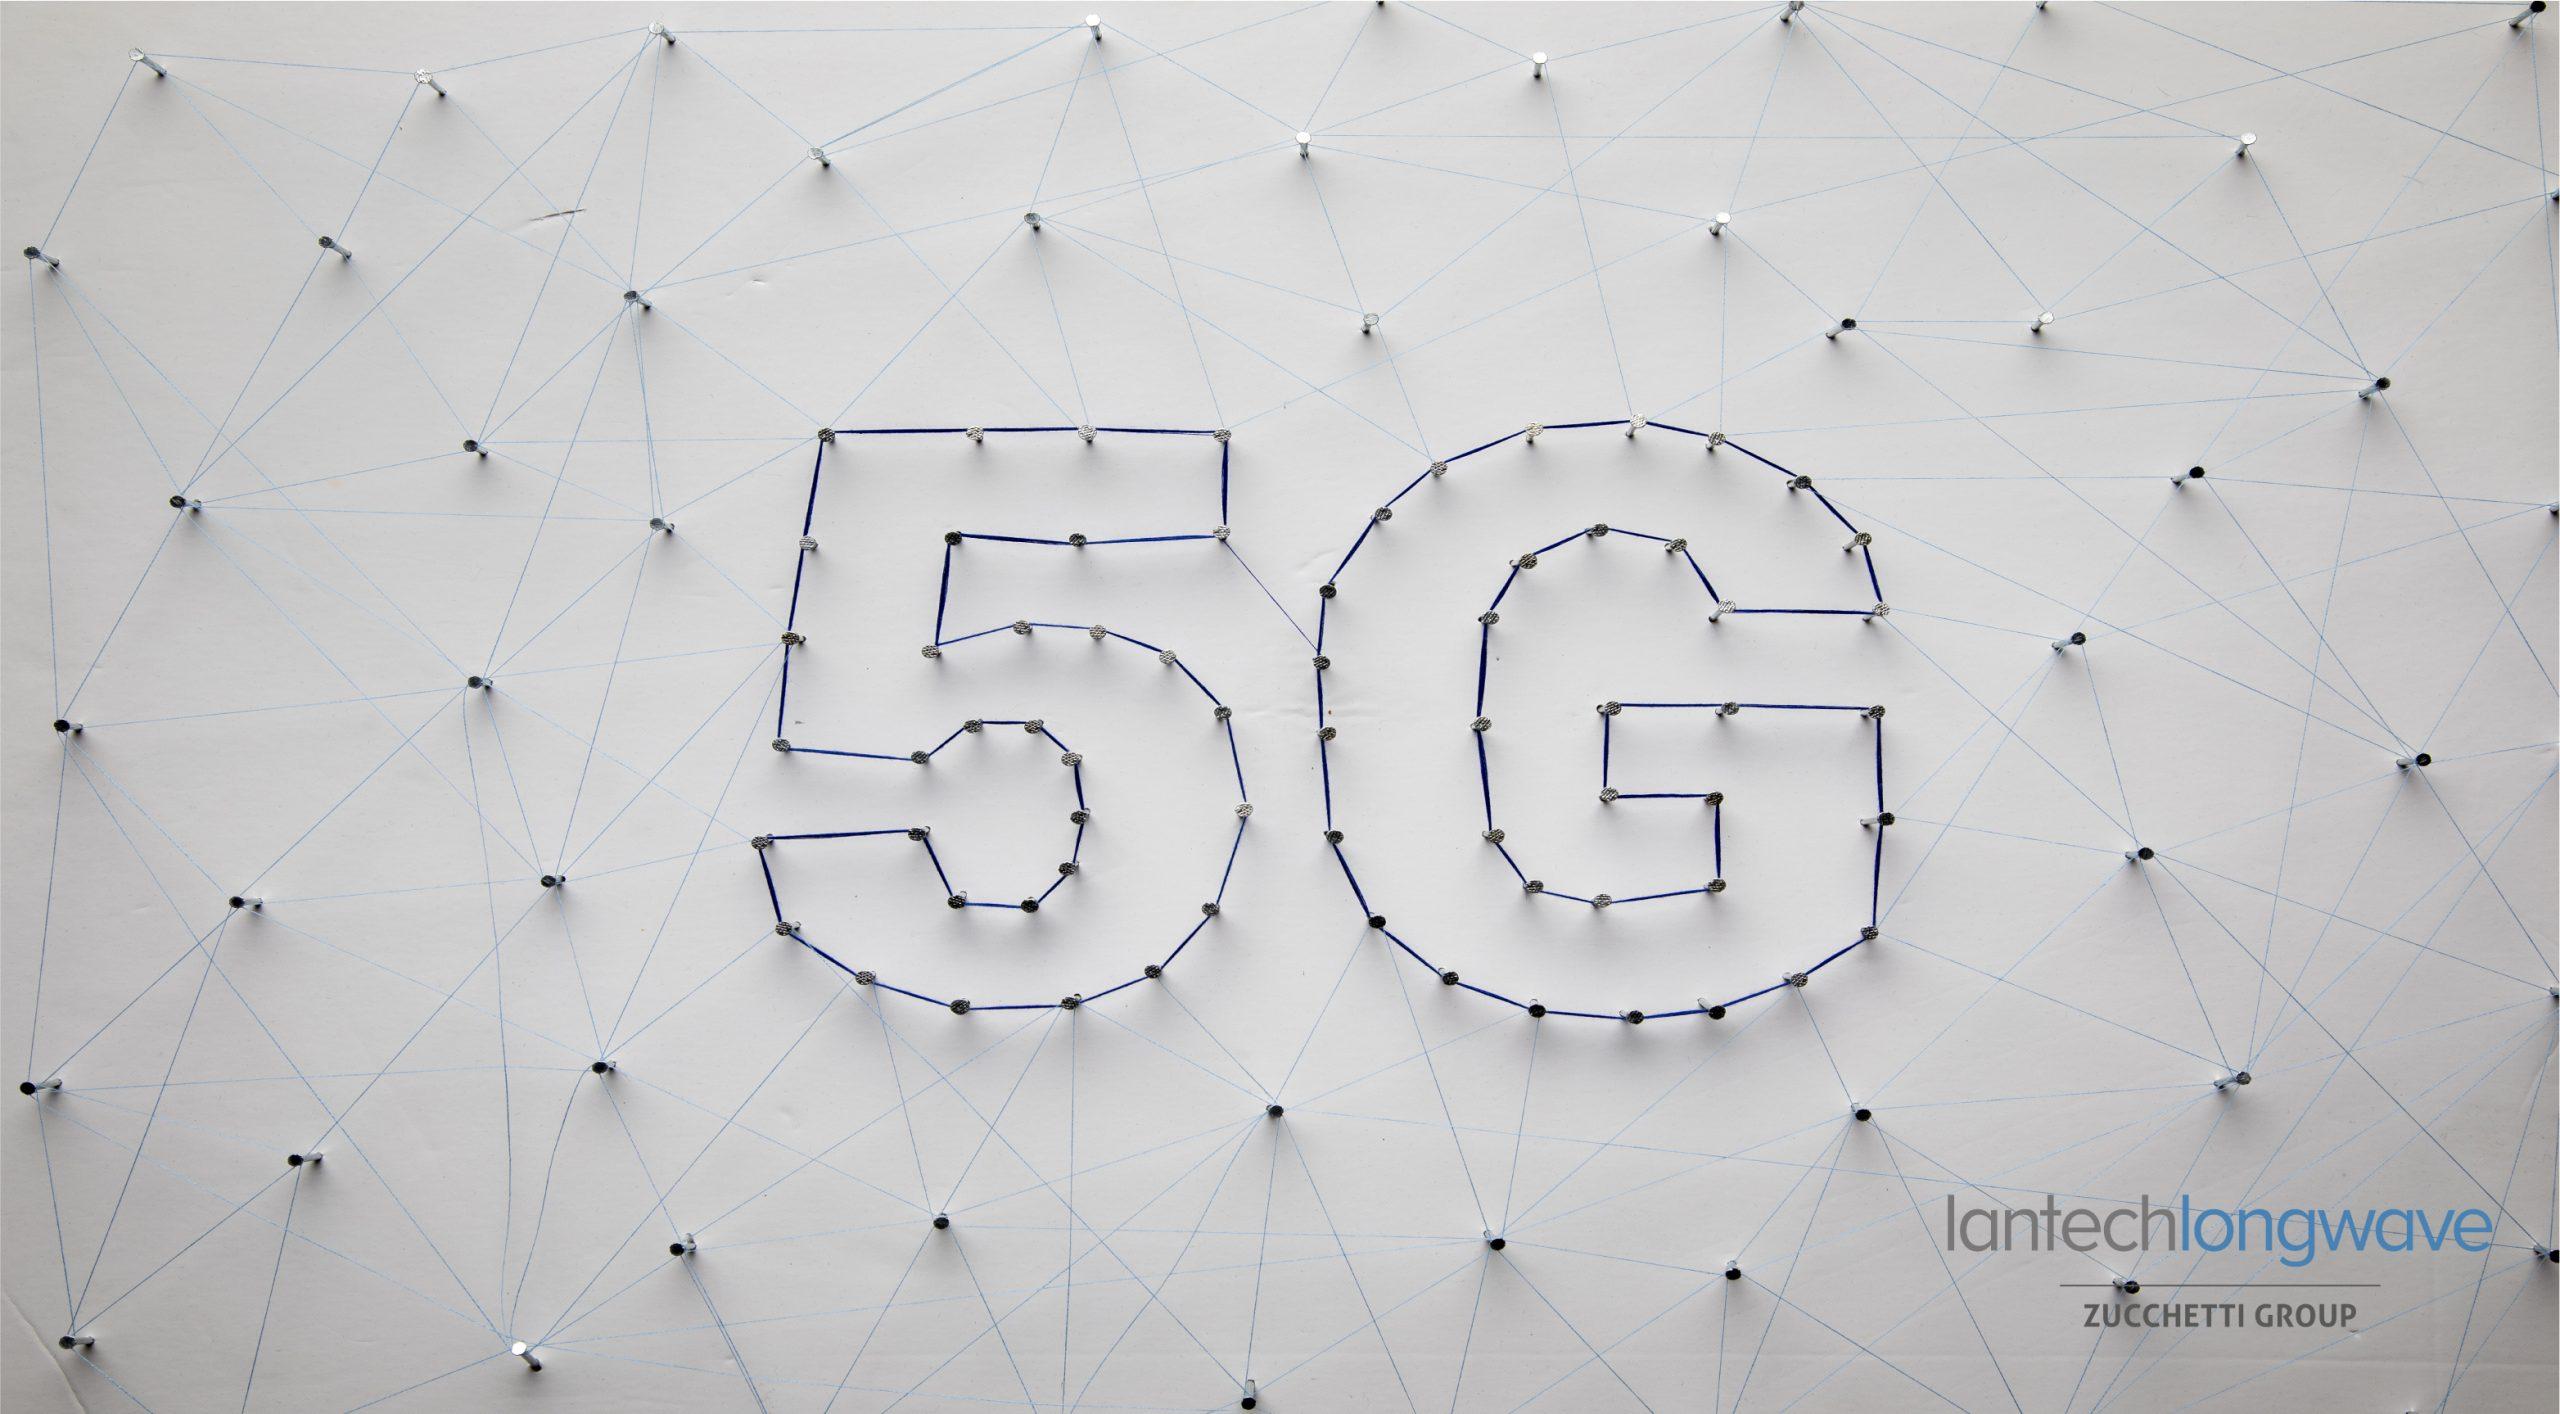 5G e sicurezza: 5 sfide per la cybersecurity dell'azienda